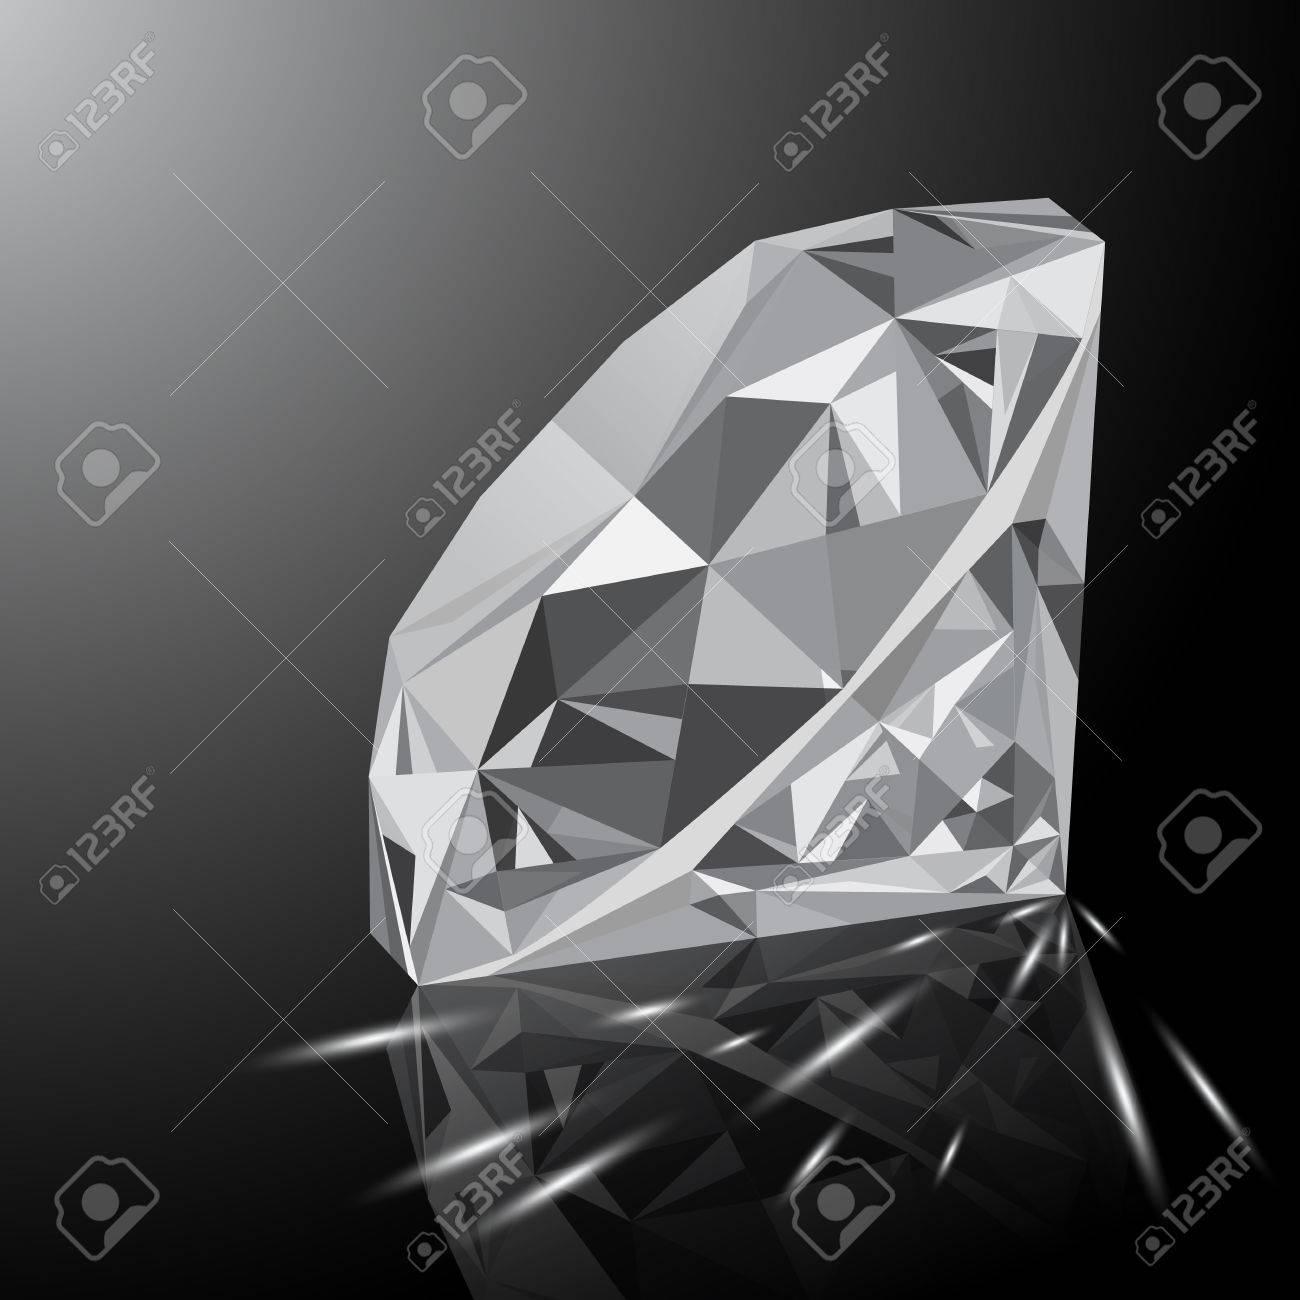 Un Joyau En Diamant Blanc Brillant Realiste Avec Une Reflexion Une Lueur Blanche Et Des Etincelles Lumineuses Sur Un Fond Degrade Gemstone Colore Qui Peut Etre Utilise Dans Le Cadre D Une Icone